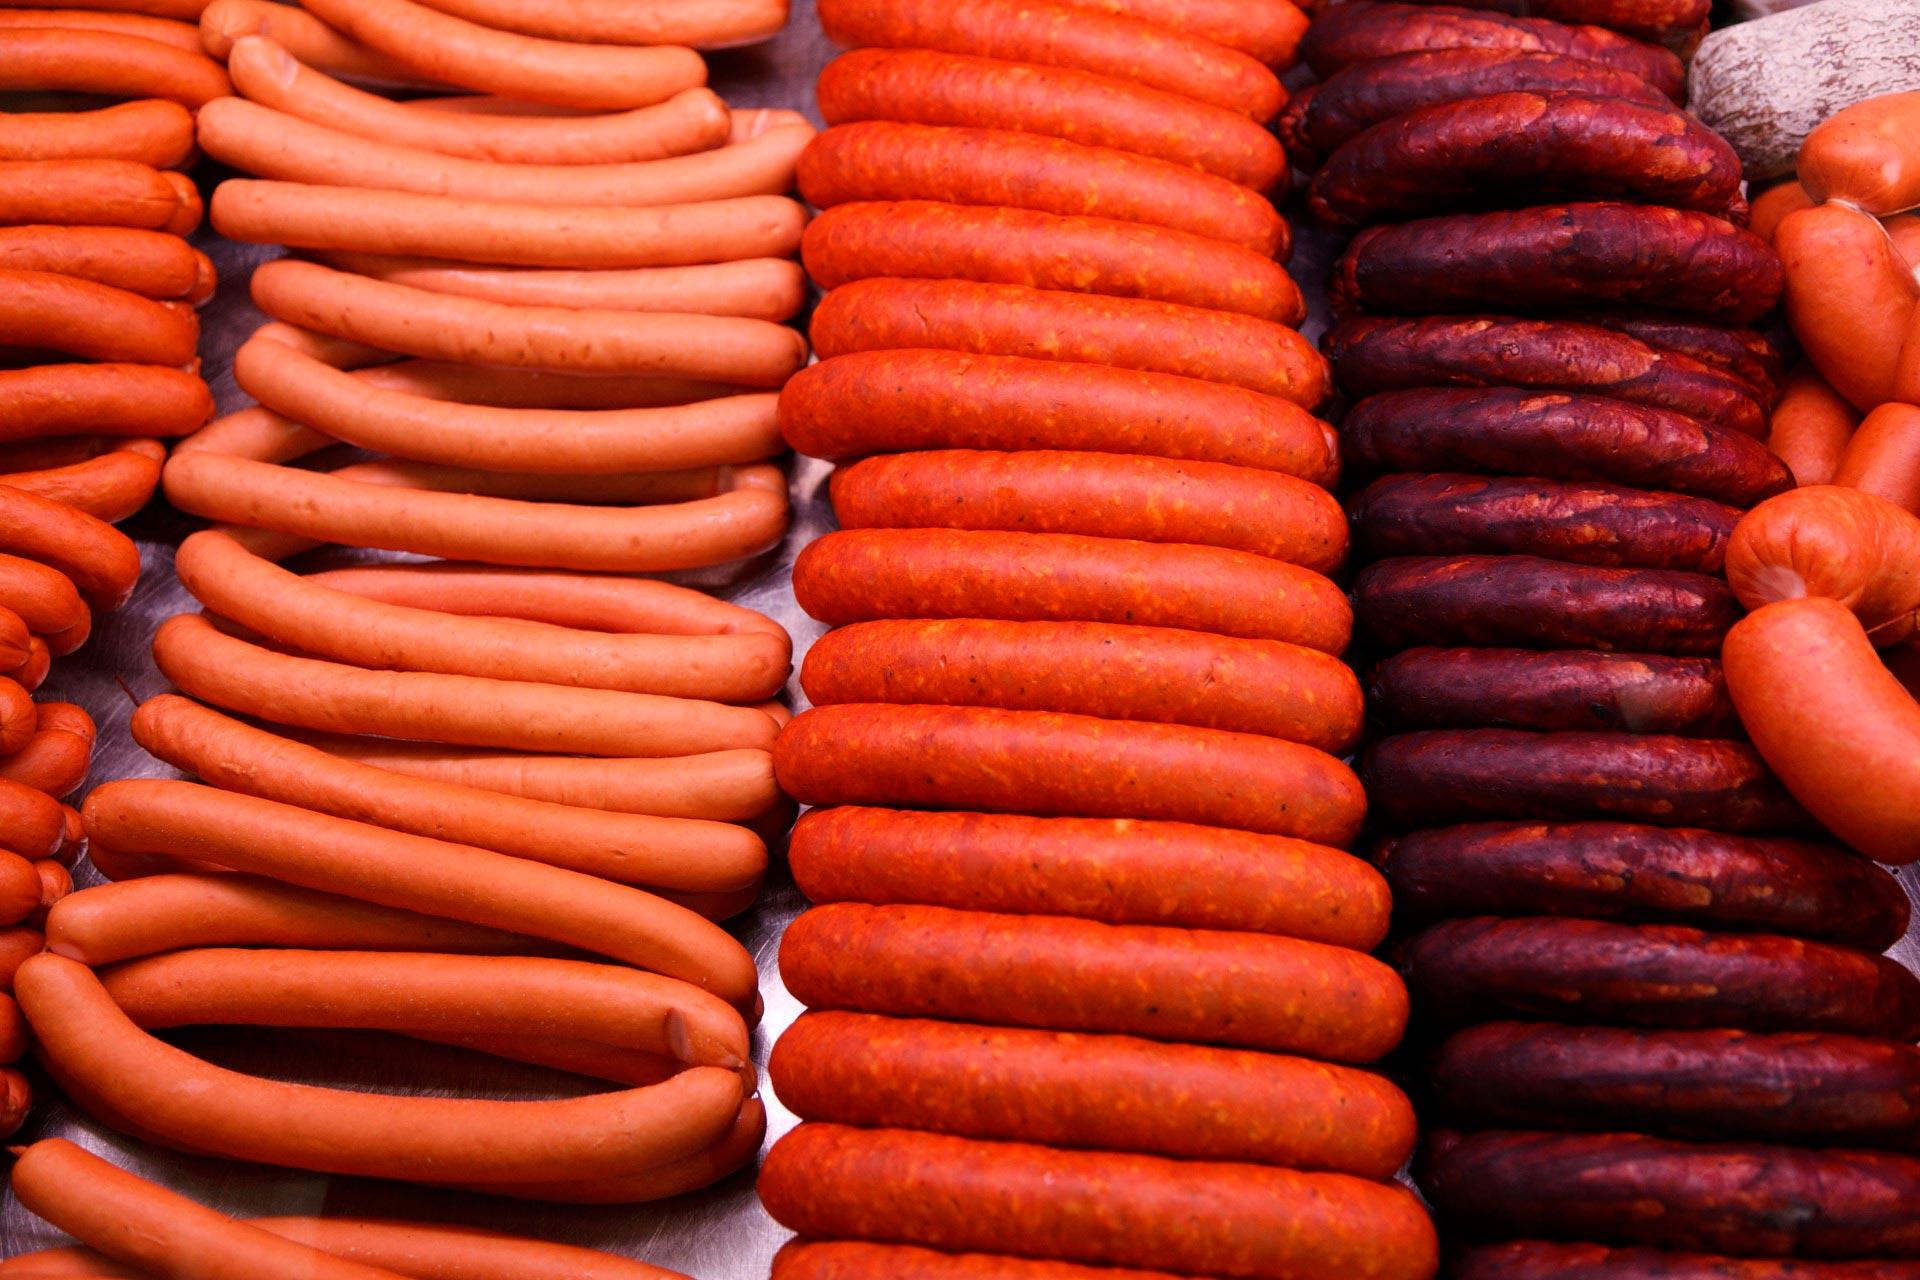 La-OMS-ha-evaluado-la-carne-roja-y-la-carne-procesada-como-cancerigena-1920